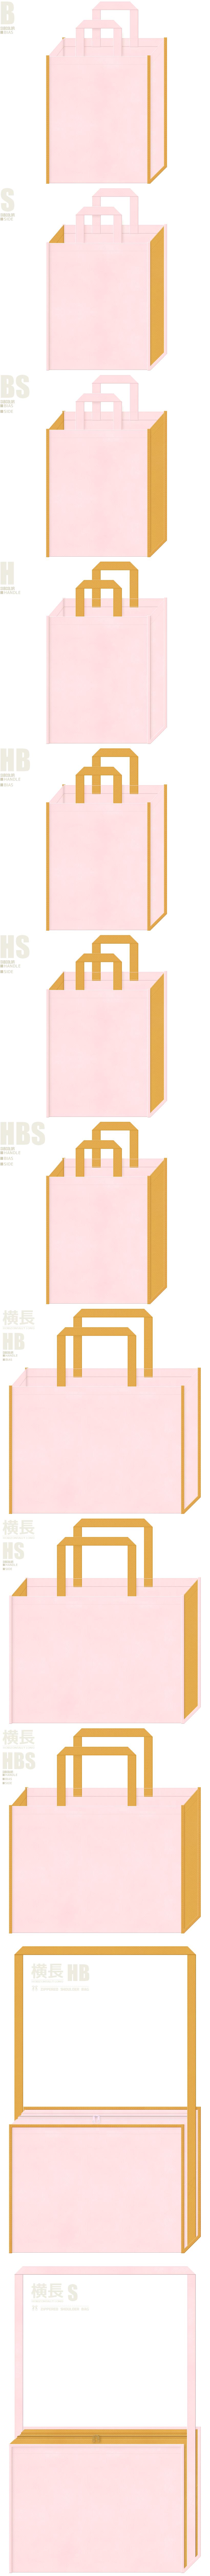 ガーリー・キャンディー・スイーツのイメージにお奨めの不織布バッグデザイン:桜色と黄土色の配色7パターン。